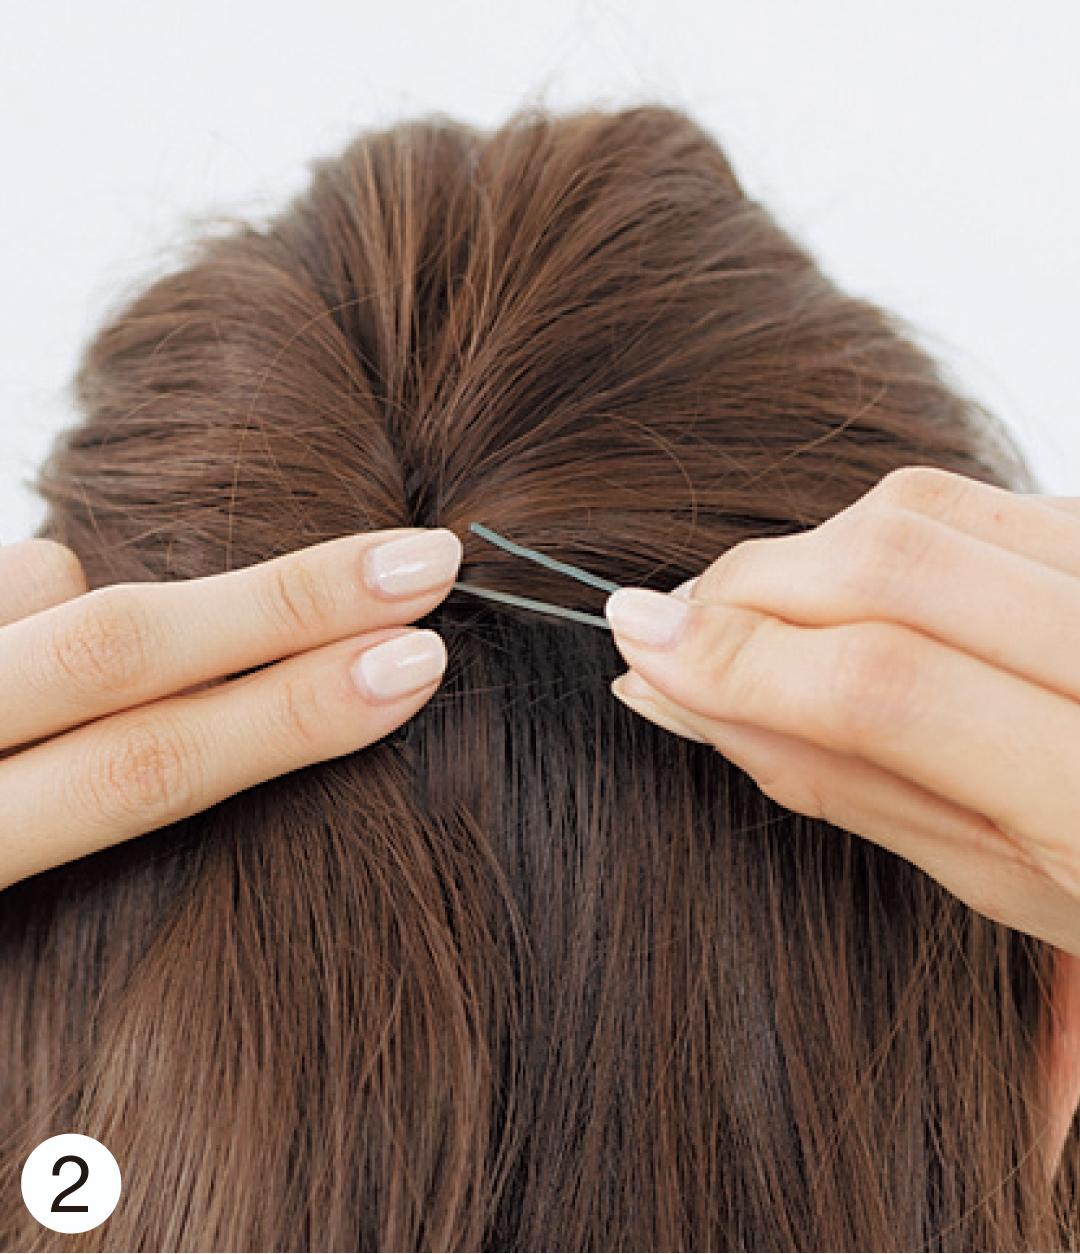 逆毛を立てた毛束をざっくりと集め、頭頂部より少し低いくらいの位置でねじって固定。トップは少しふんわりするように意識を!